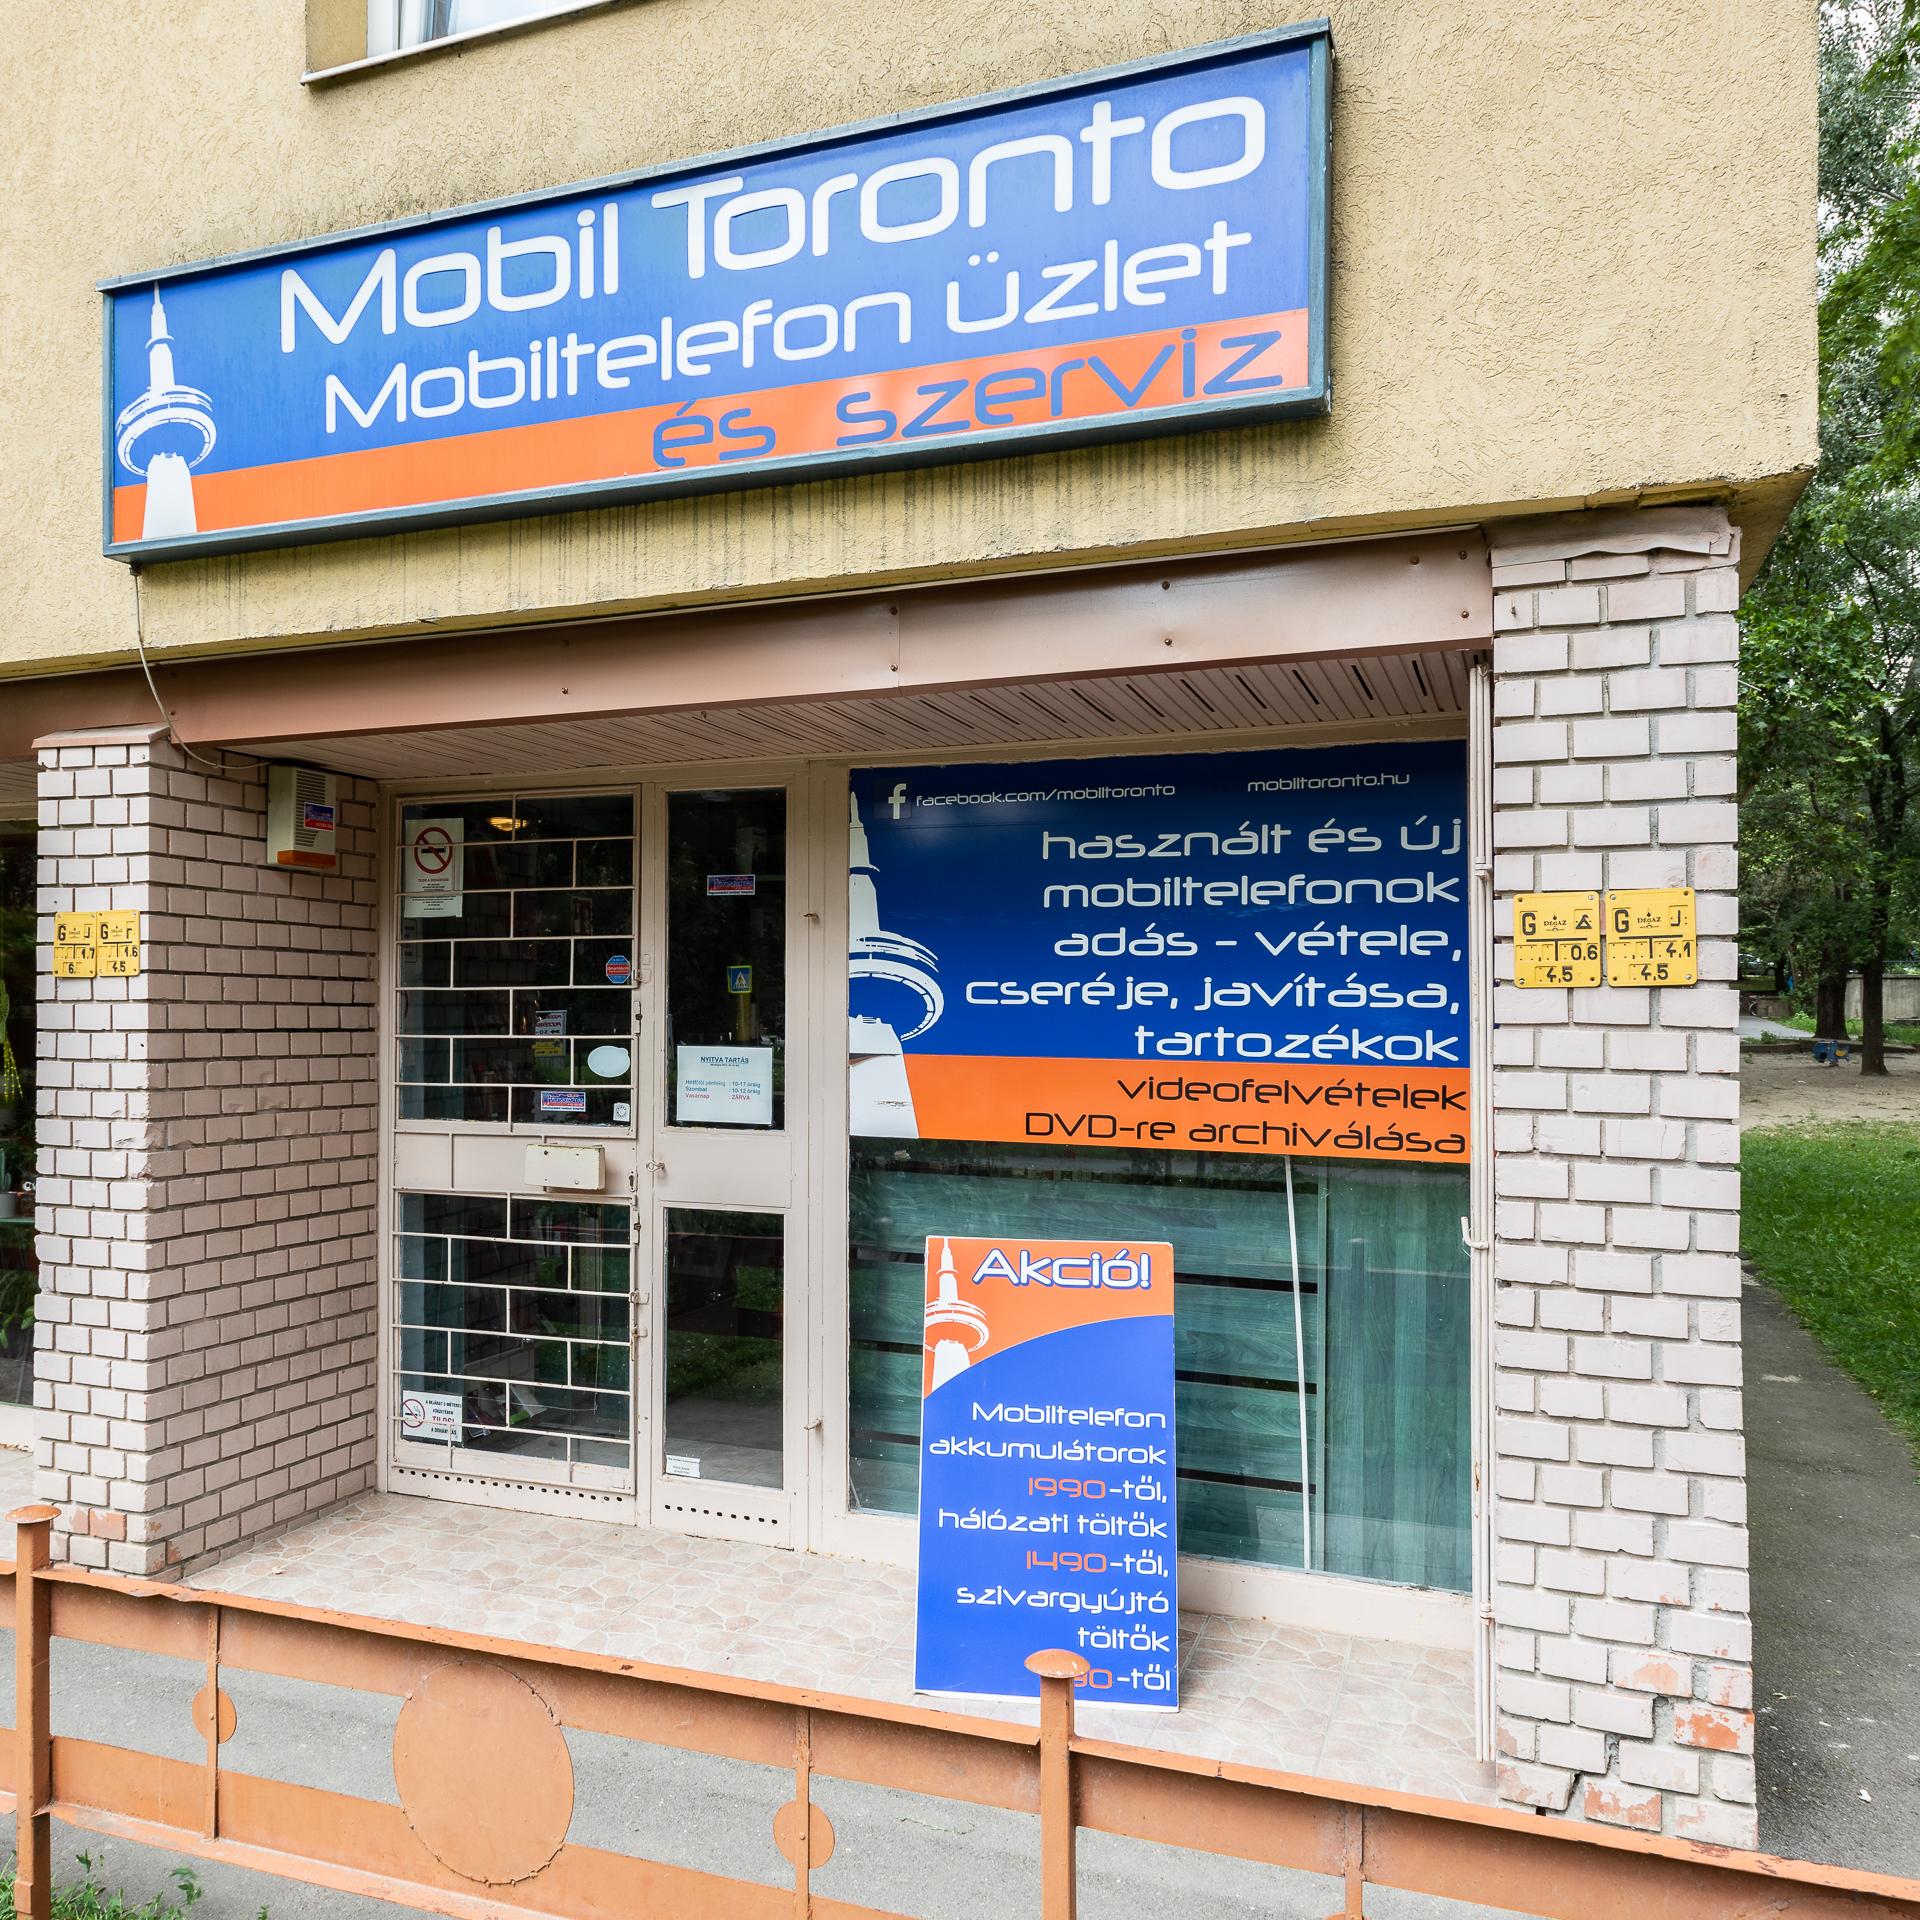 Mobil Toronto üzlet Szeged